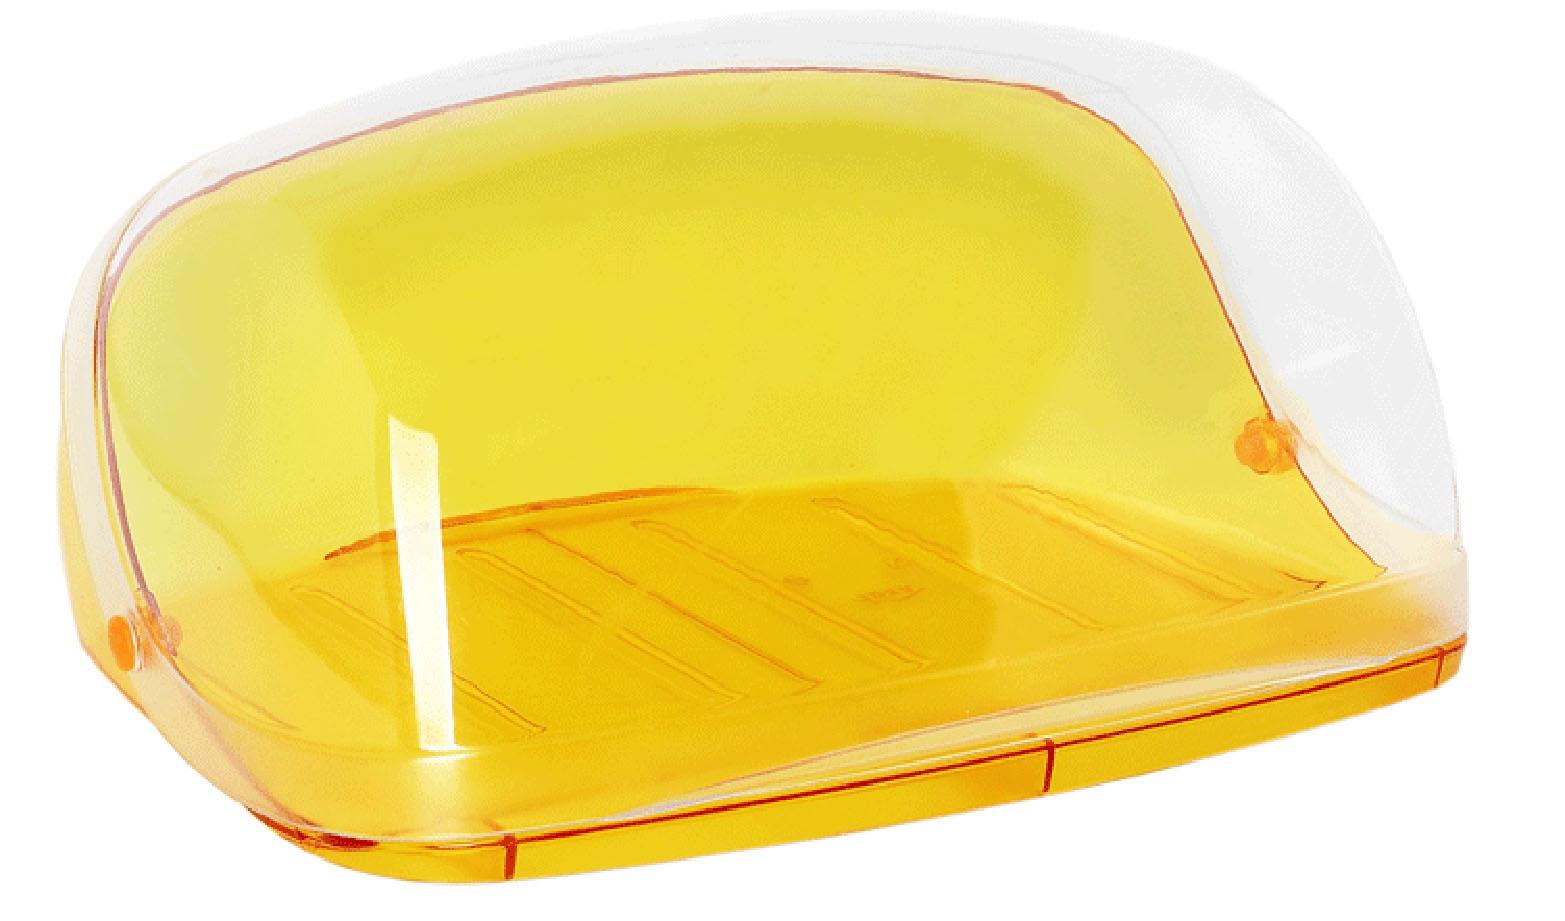 Хлебница Idea Кристалл, цвет: оранжевый, прозрачный, 29 х 25 х 15 см21395598Хлебница Idea Кристалл, изготовленная из пищевого пластика, обеспечивает идеальные условия хранения для различных видов хлебобулочных изделий, надолго сохраняя их свежесть. Изделие оснащено плотно закрывающейся крышкой, защищающей продукты от воздействия внешних факторов (запахов и влаги).Вместительность, функциональность и стильный дизайн позволят хлебнице стать не только незаменимым аксессуаром на кухне, но и предметом украшения интерьера. В ней хлеб всегда останется свежим и вкусным.